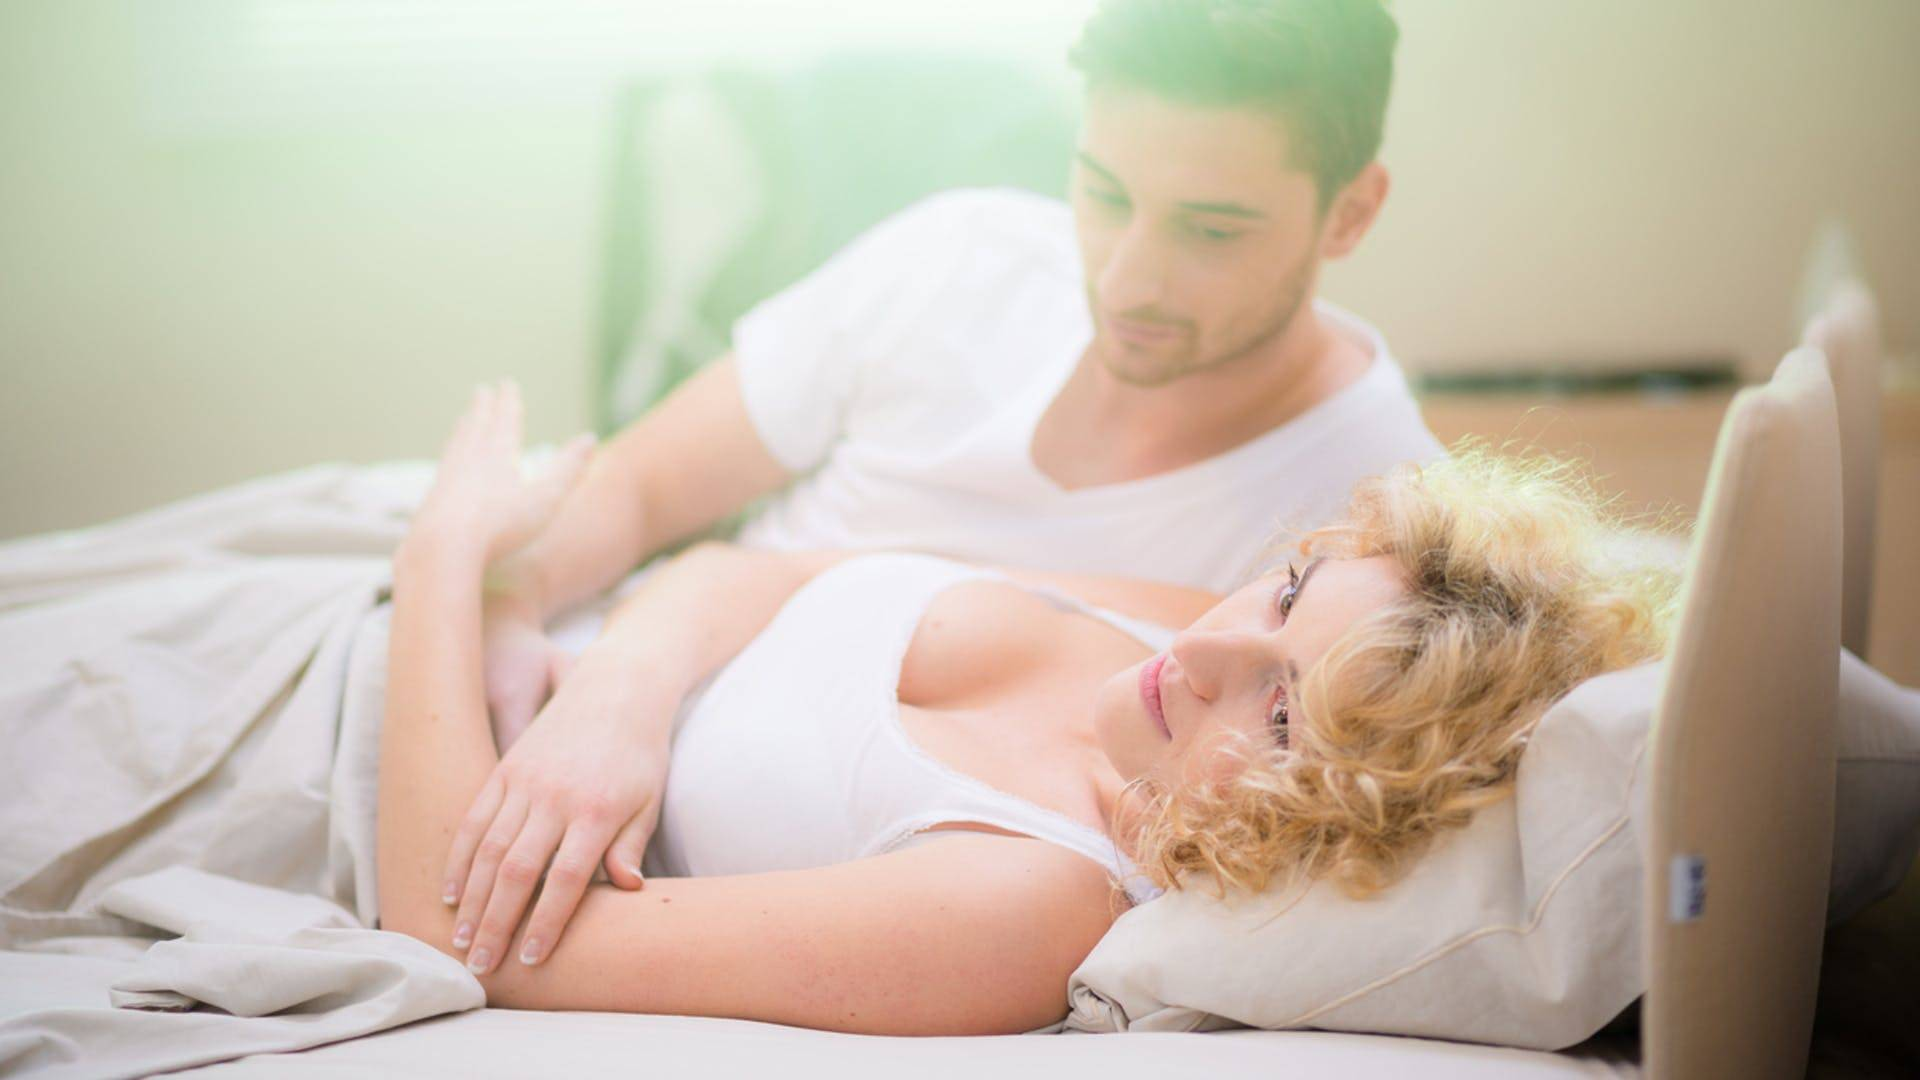 Можно ли при беременности спать с мужем? | новая аптека